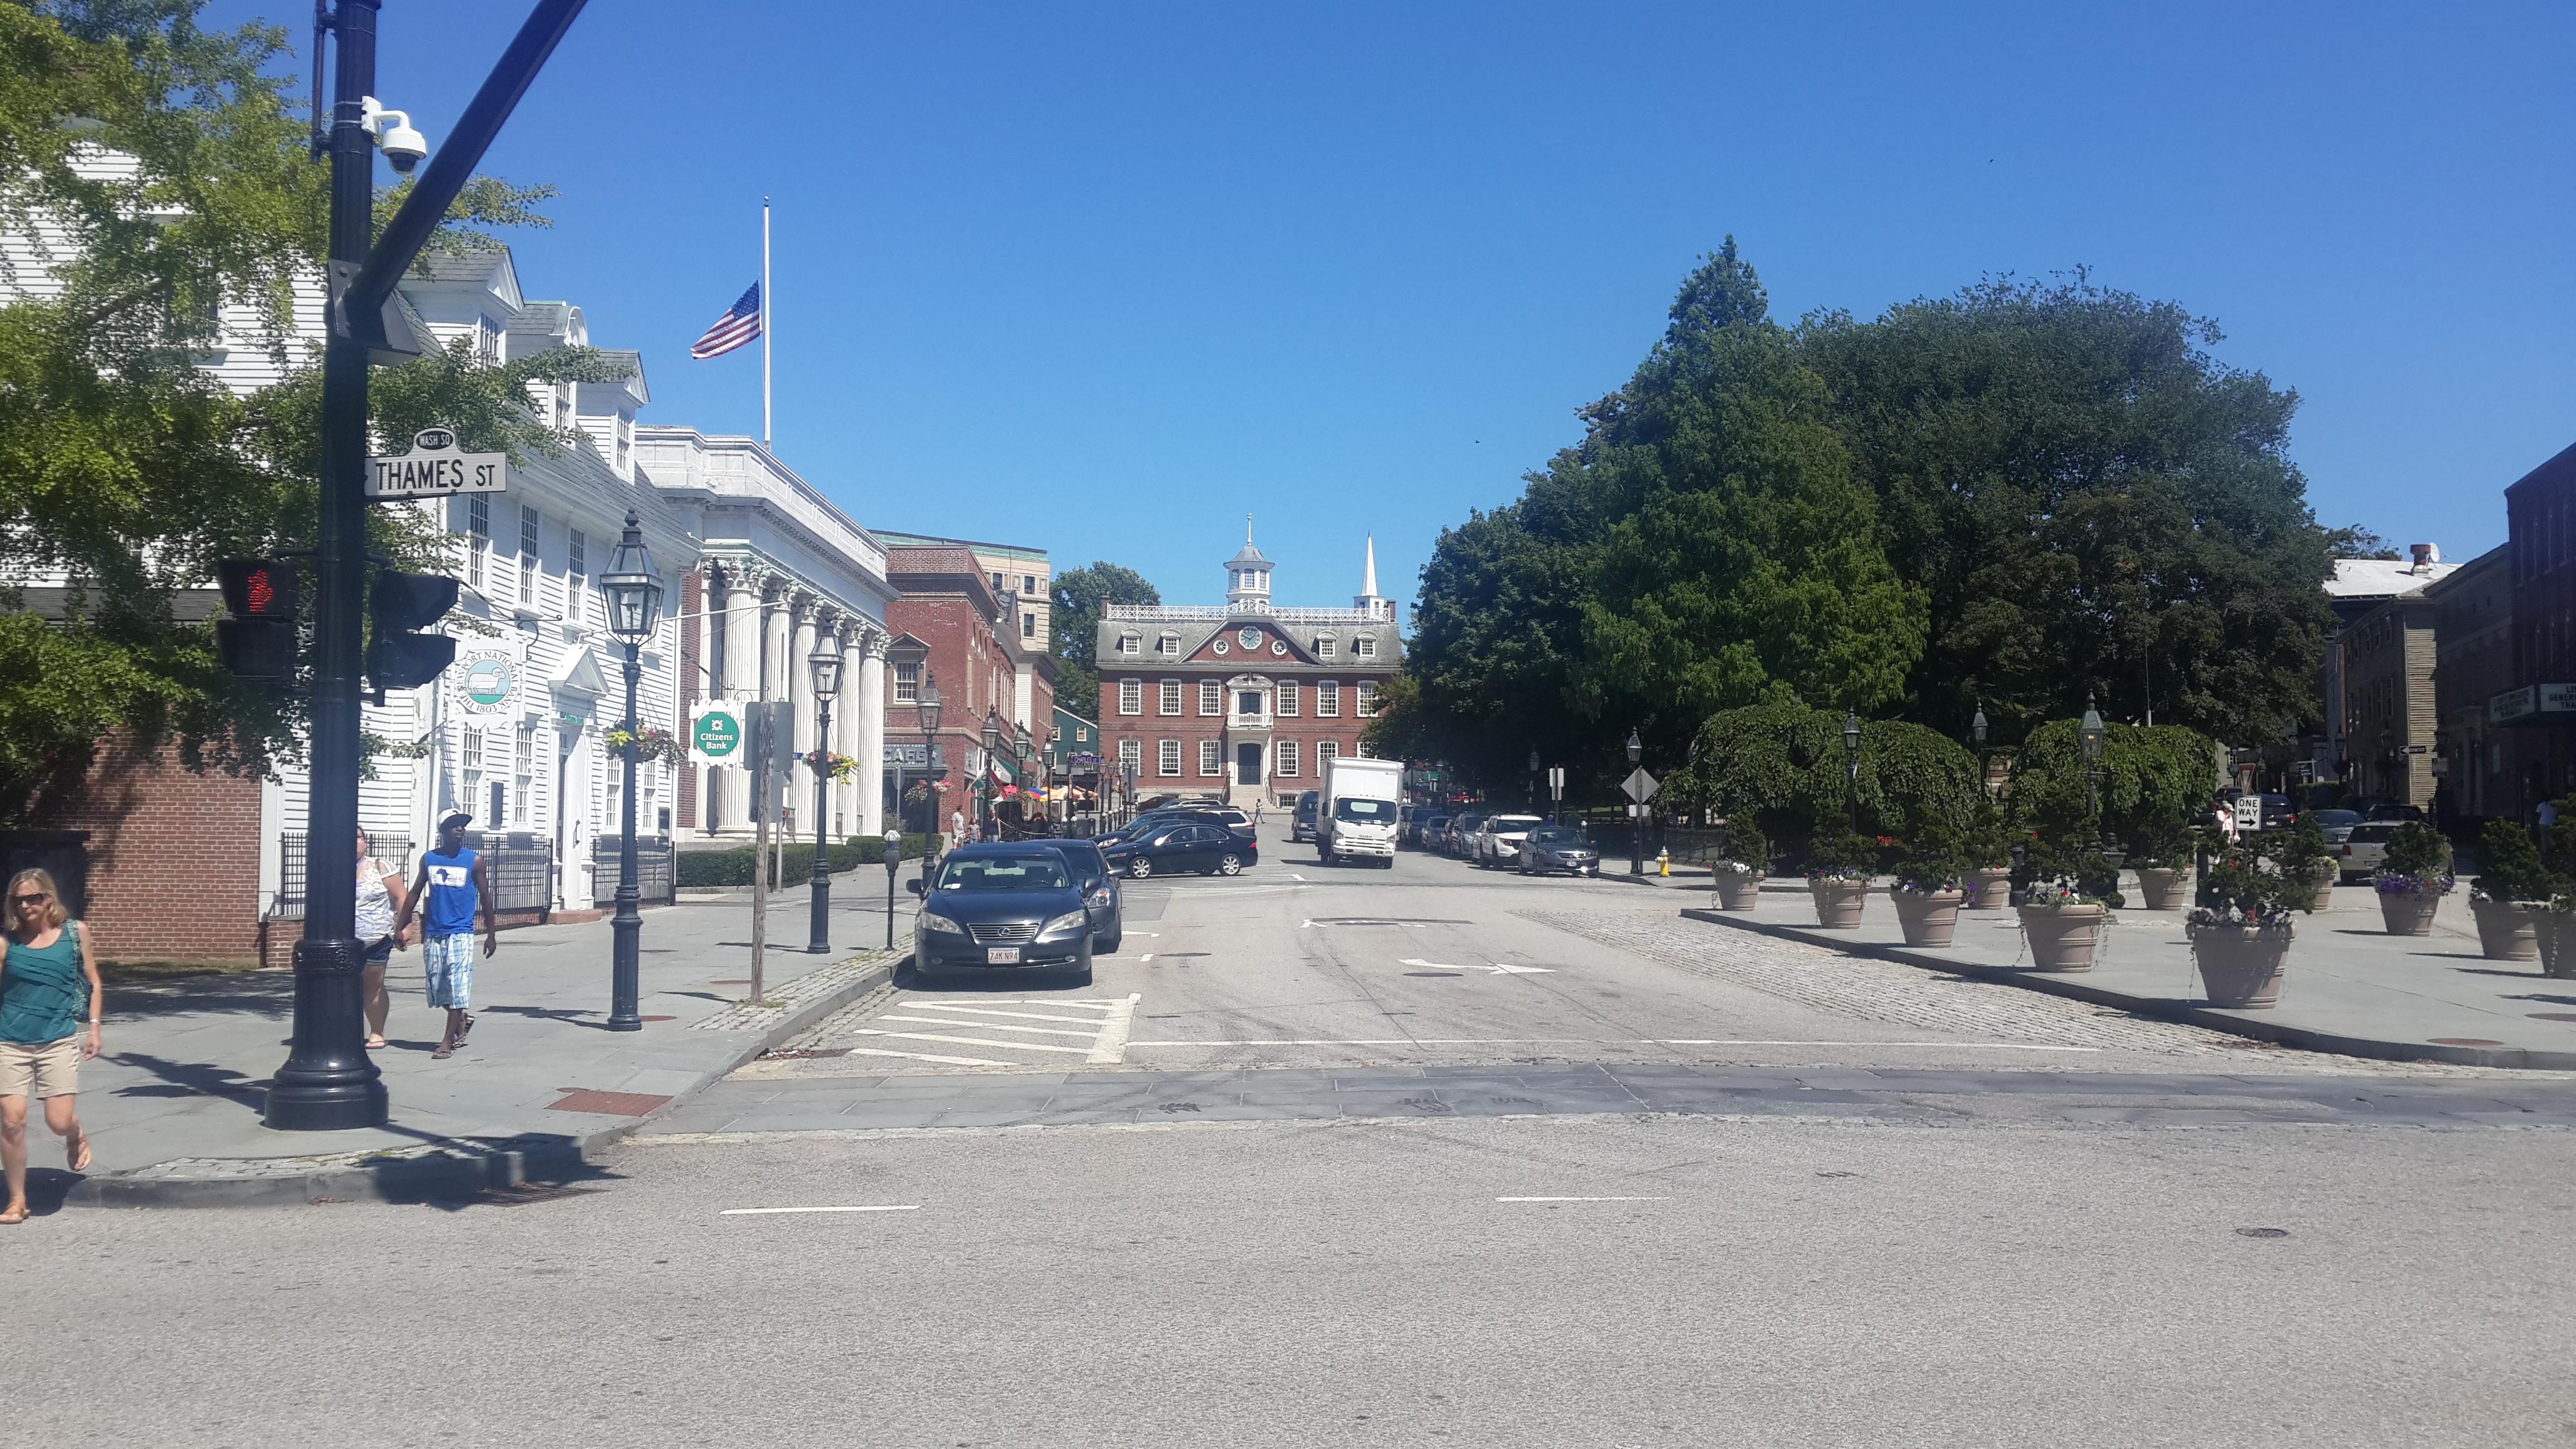 Callejeando por el centro de Newport